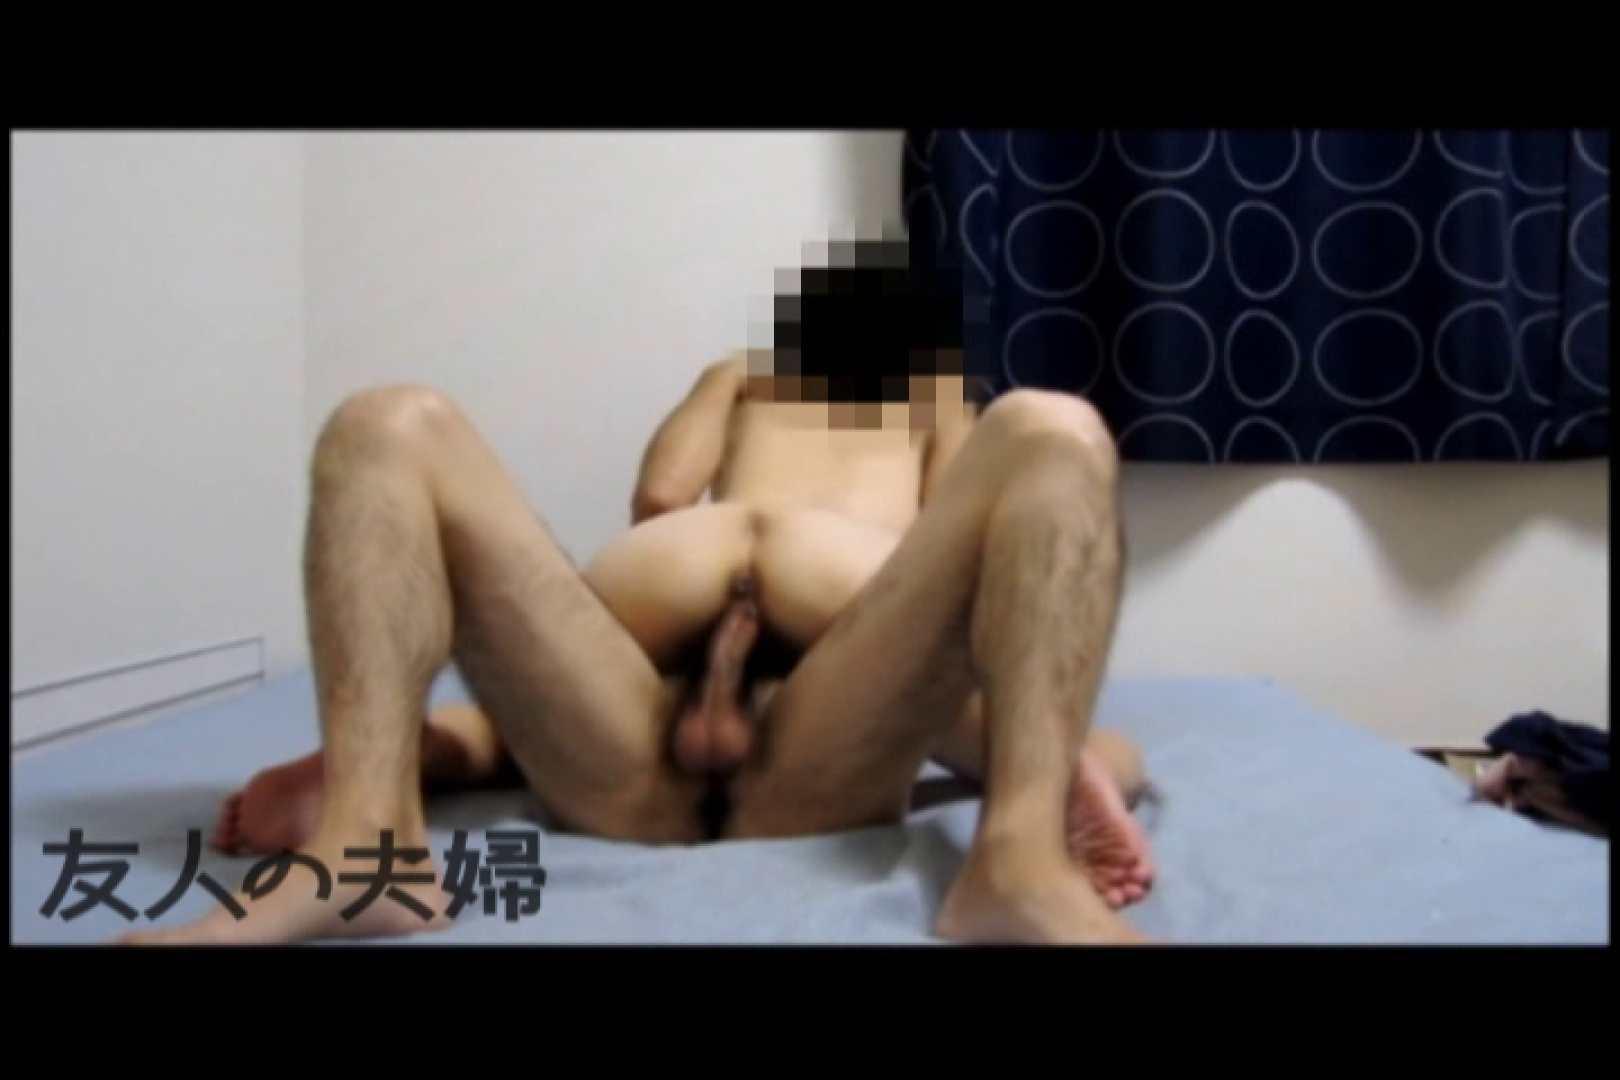 友人夫婦のSEX 友人の・・・   SEX映像  101pic 45